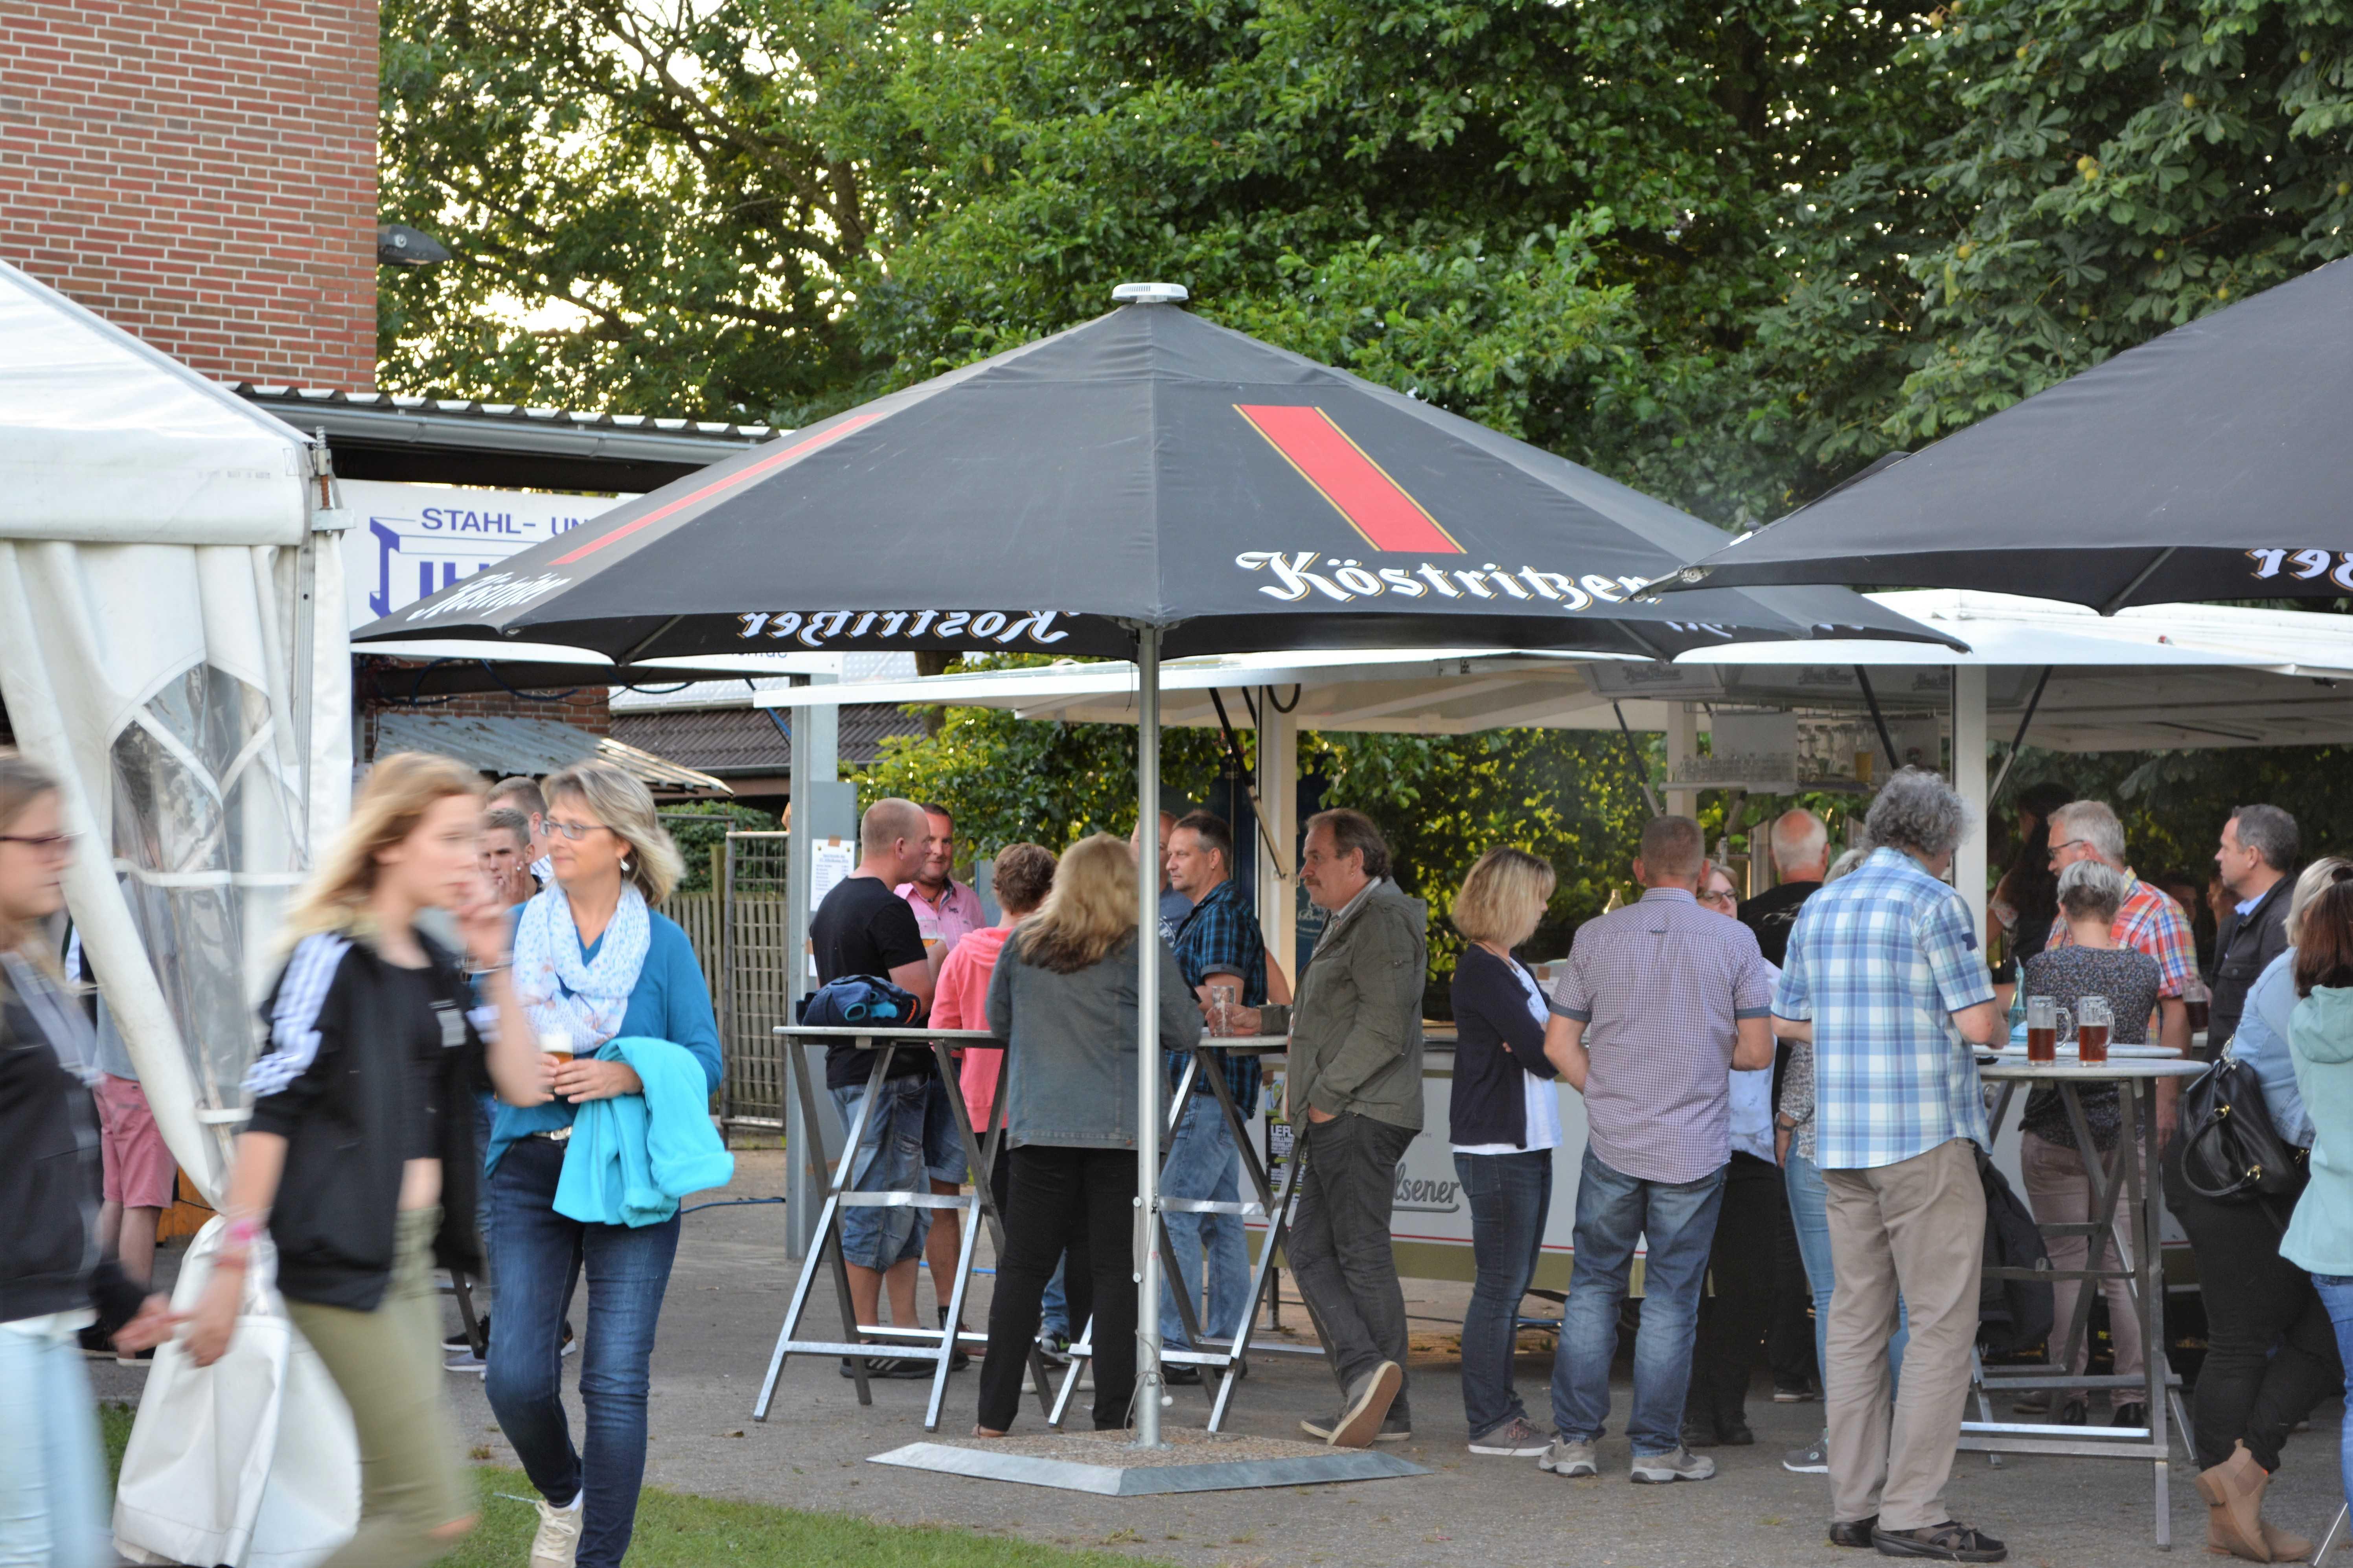 2016-07-30 Sportwoche - erster Samstag - Straßenturnier (4)